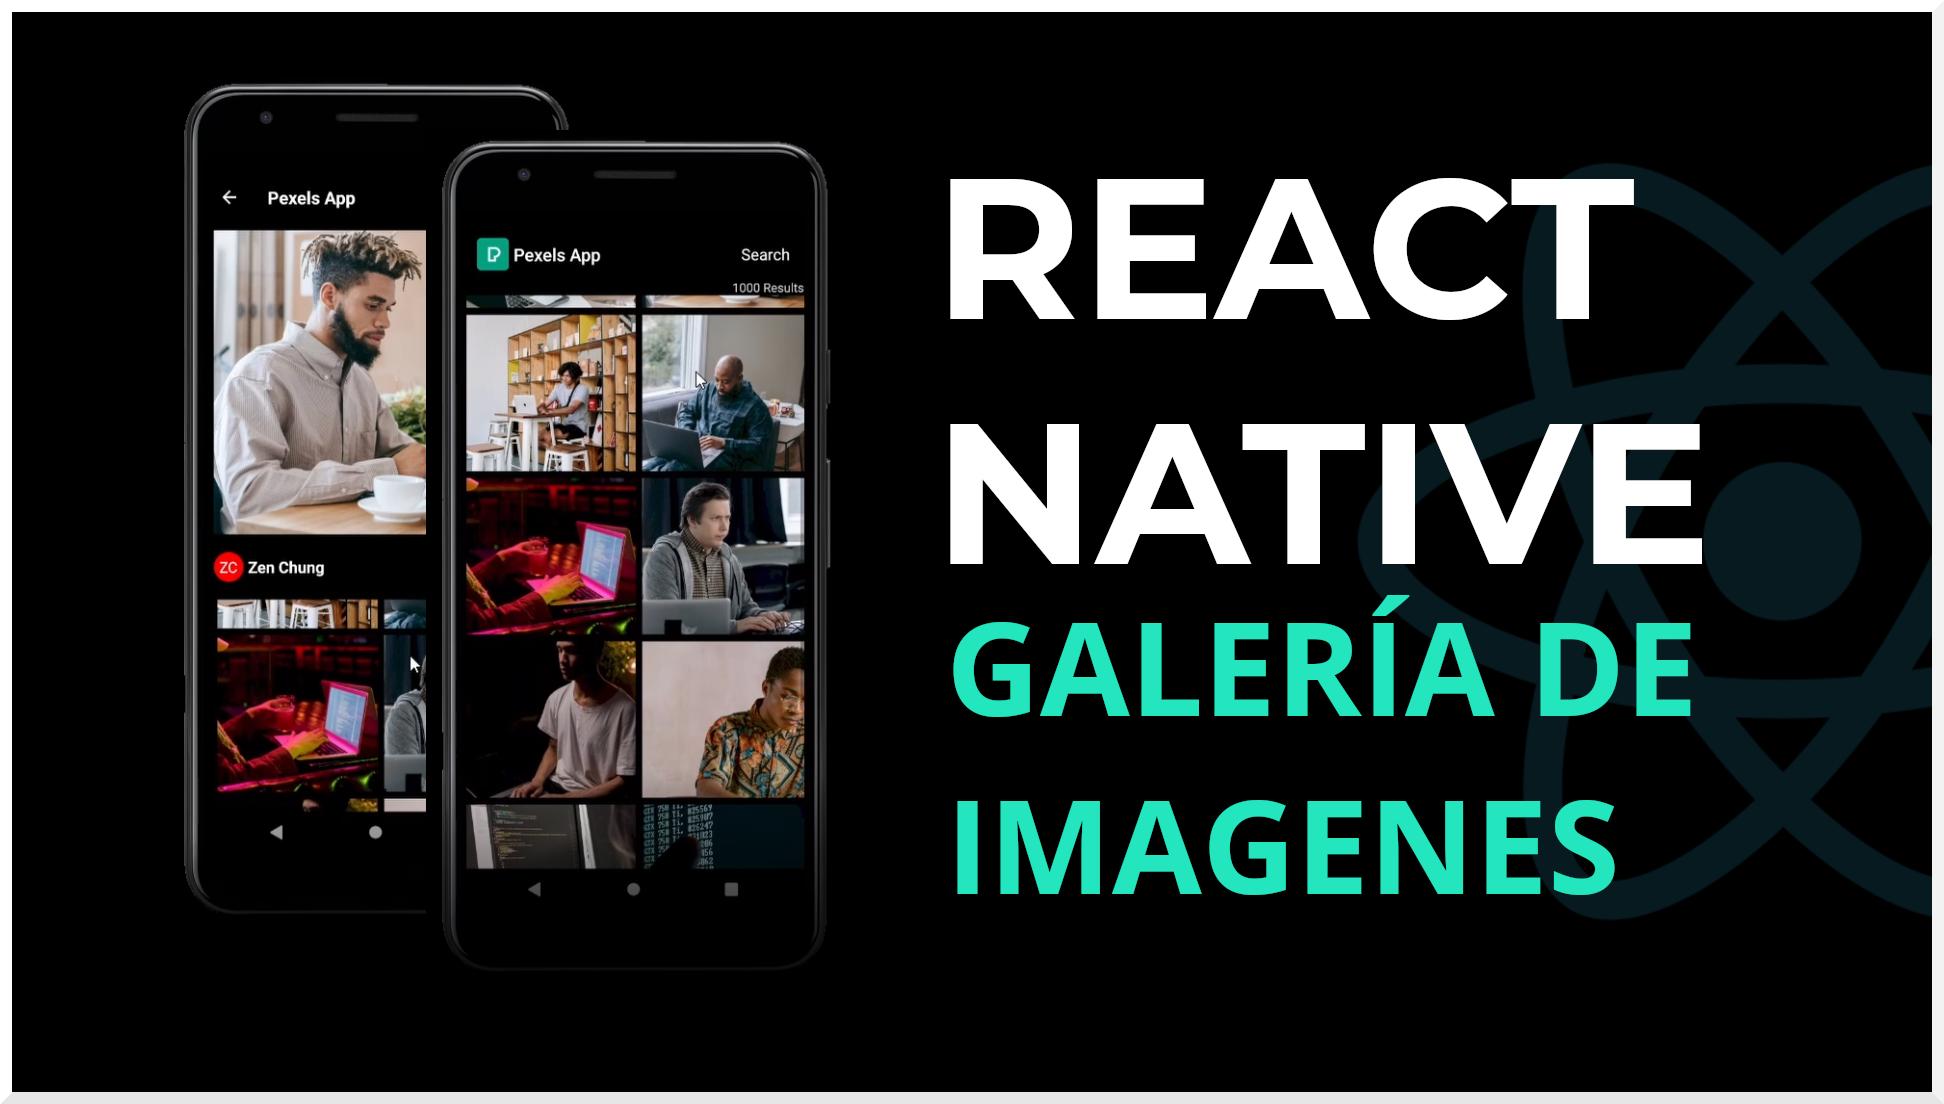 React Native Galeria de Imagenes, Pexels API